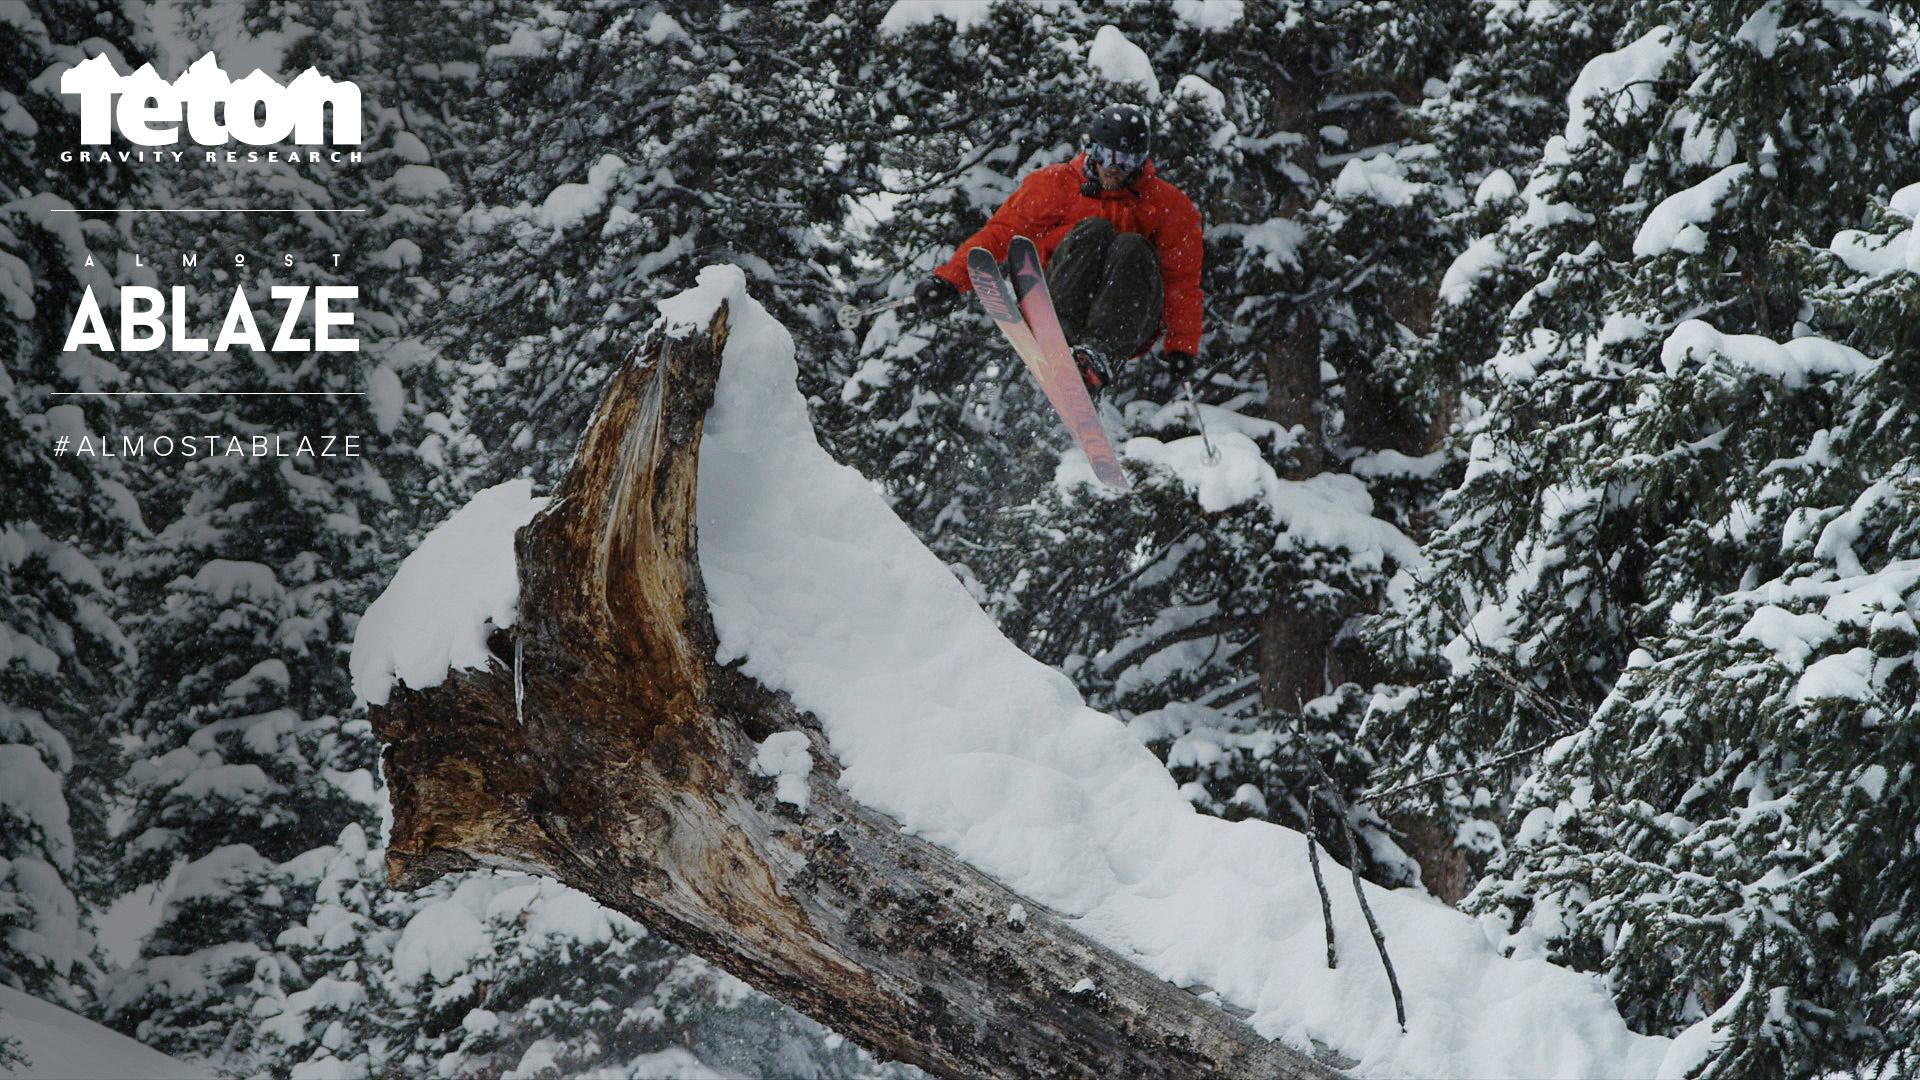 A log gap jump.